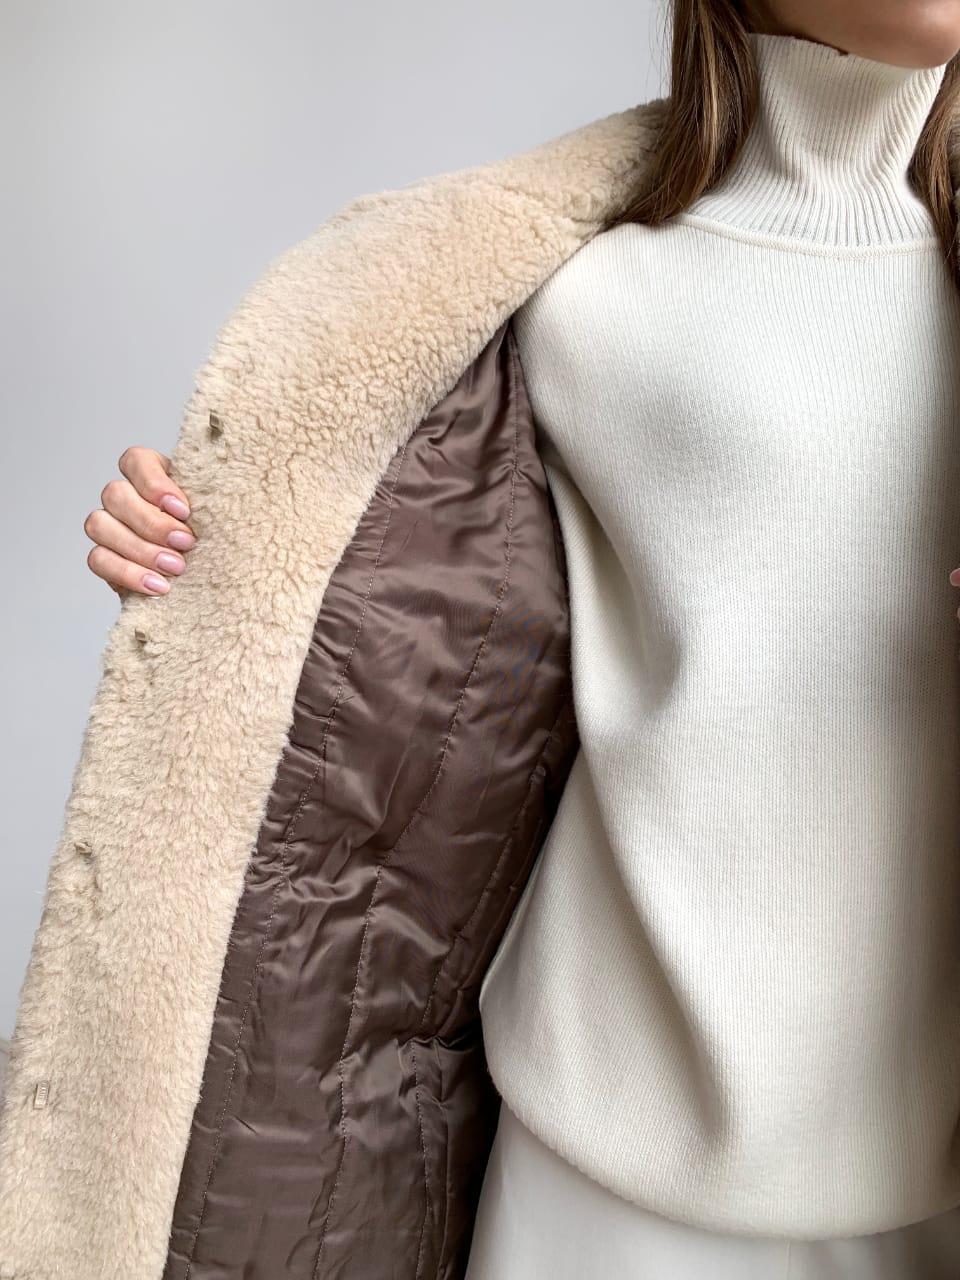 Шуба из натуральной стриженой овечьей шерсти длина 110 см, прорезные карманы, бежевый цвет - фото 4